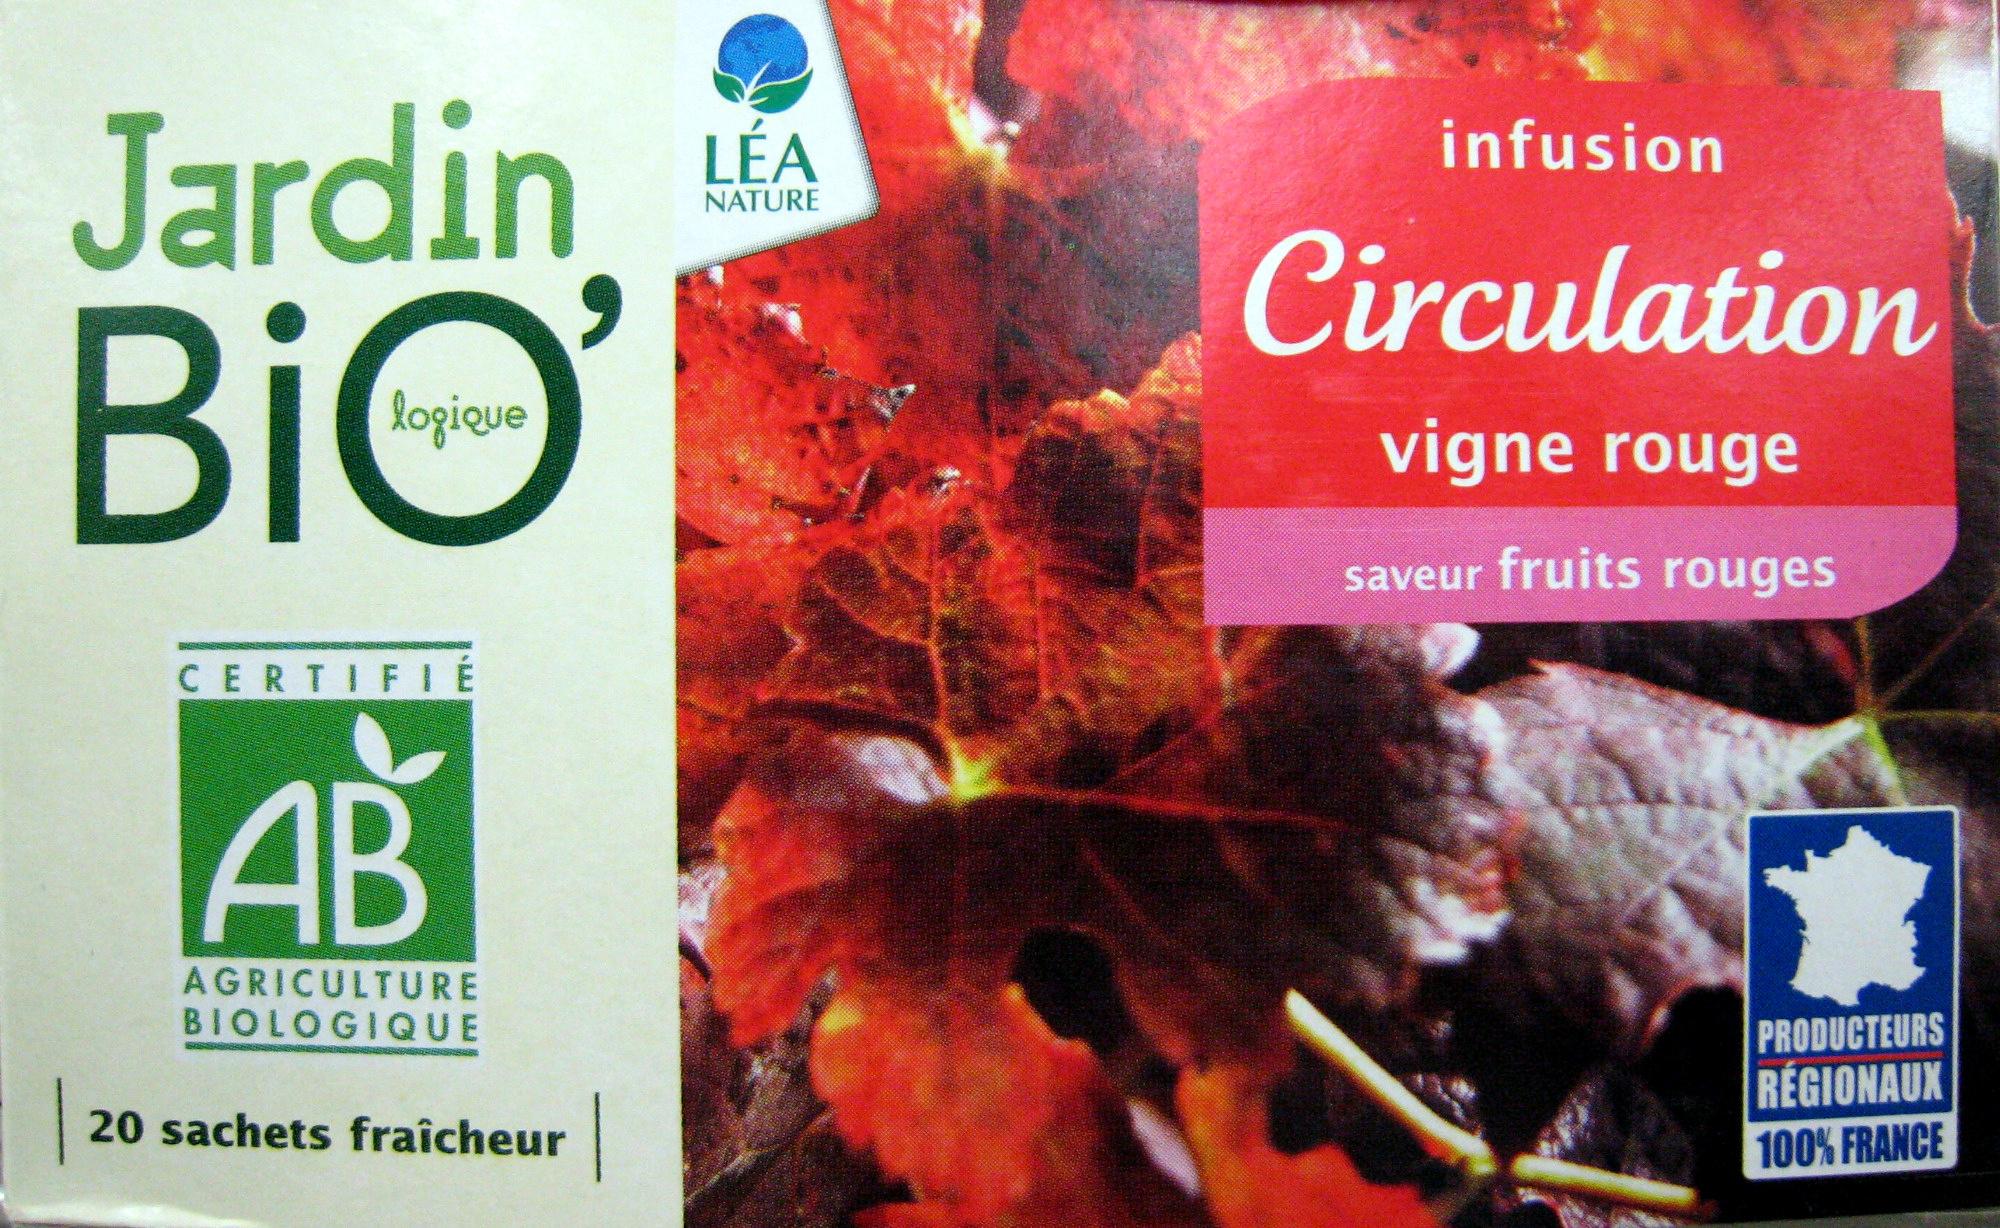 Infusion Circulation vigne rouge Jardin Bio 30 g 20 sachets de